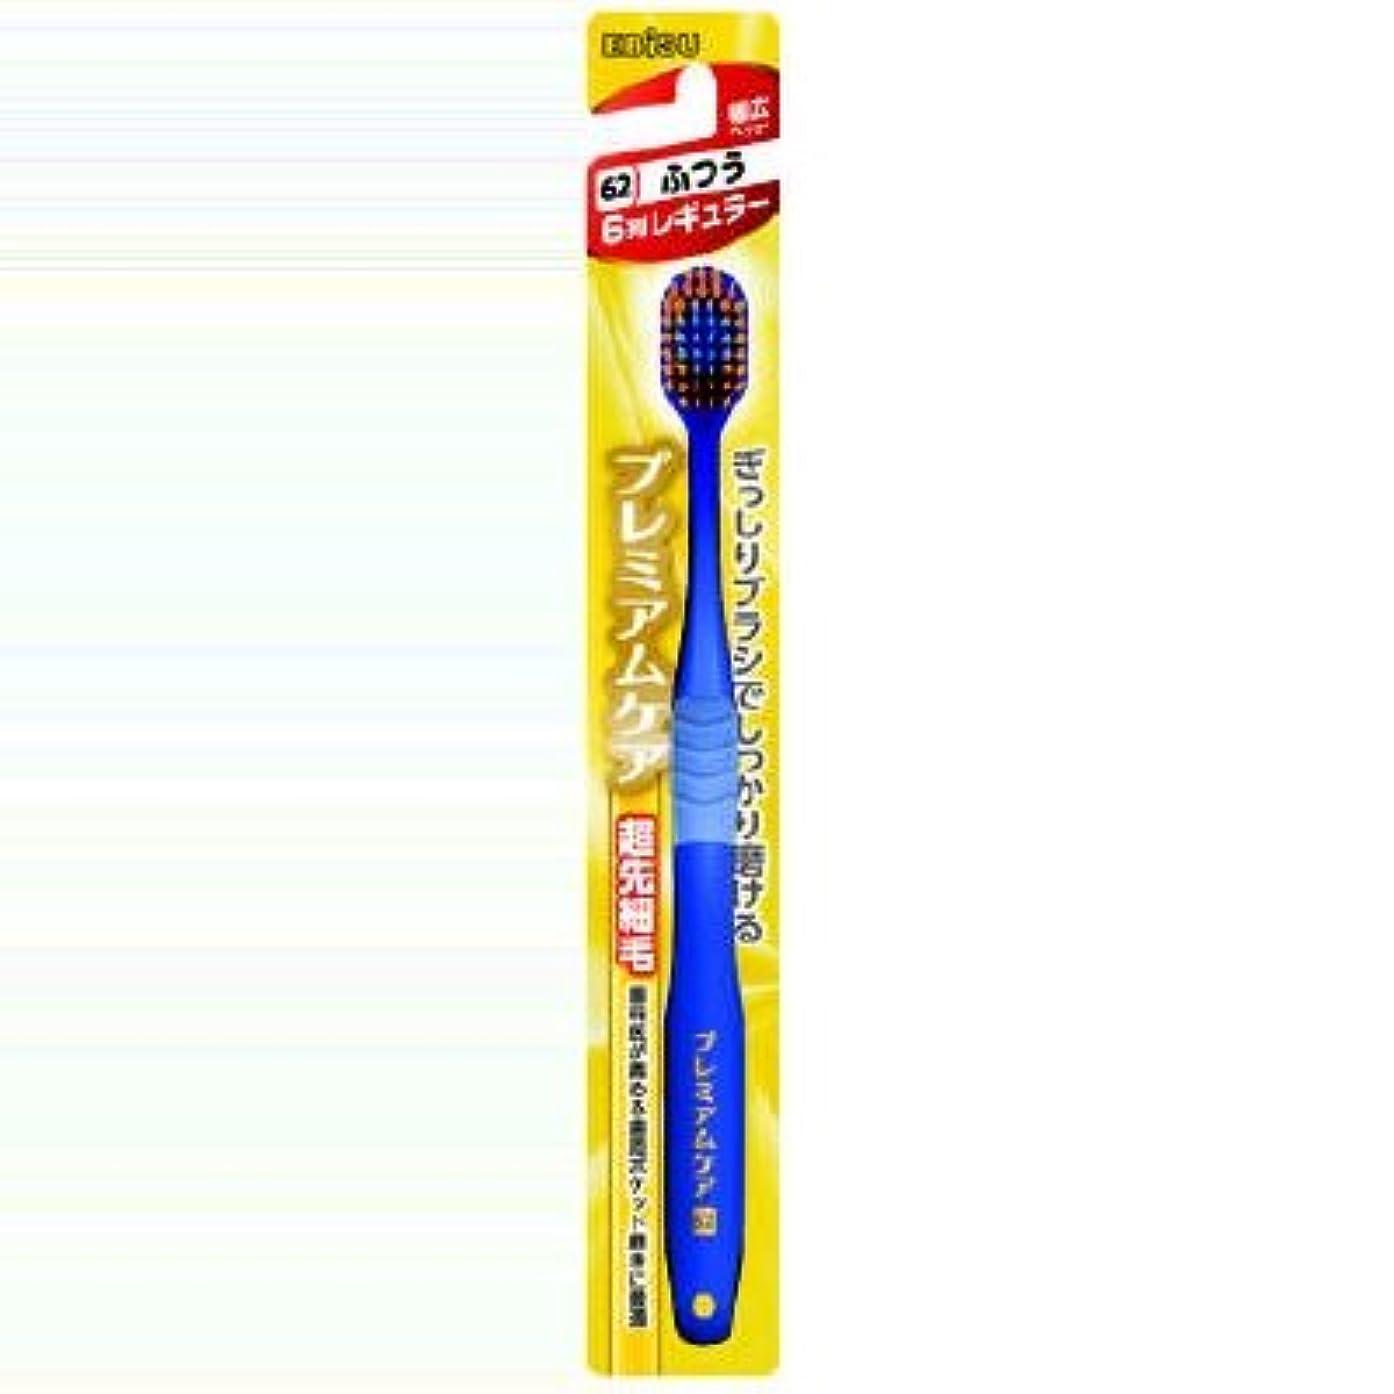 コークス潤滑するフリンジ【まとめ買い】プレミアムケアハブラシ ふつう ×2セット